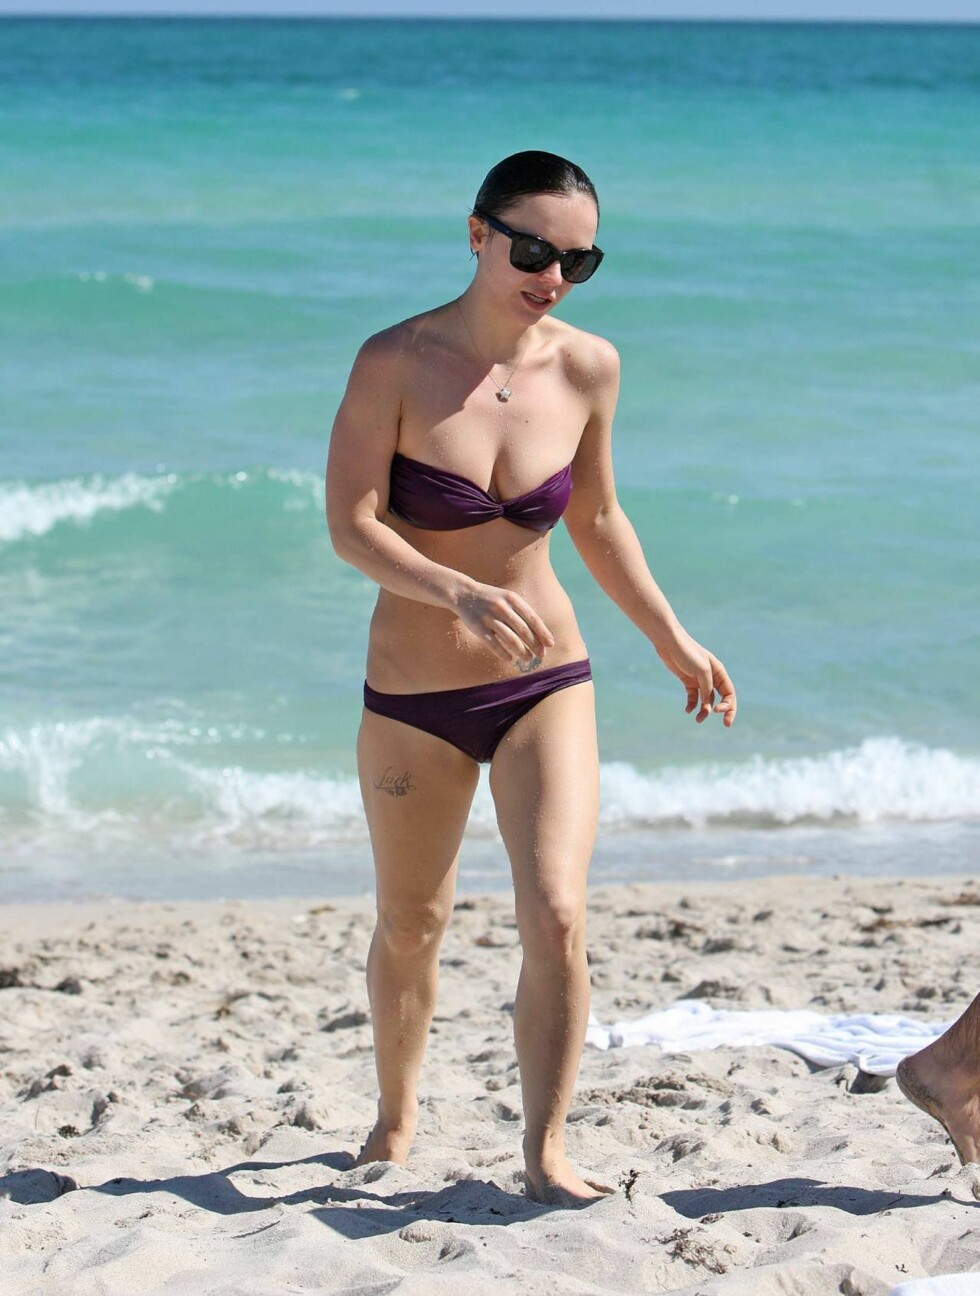 SJOKKERTE: Ifølge Daily Mail skal Christina Ricci ha sjokkert de andre badegjestene med sin tynne kropp. Foto: All Over Press